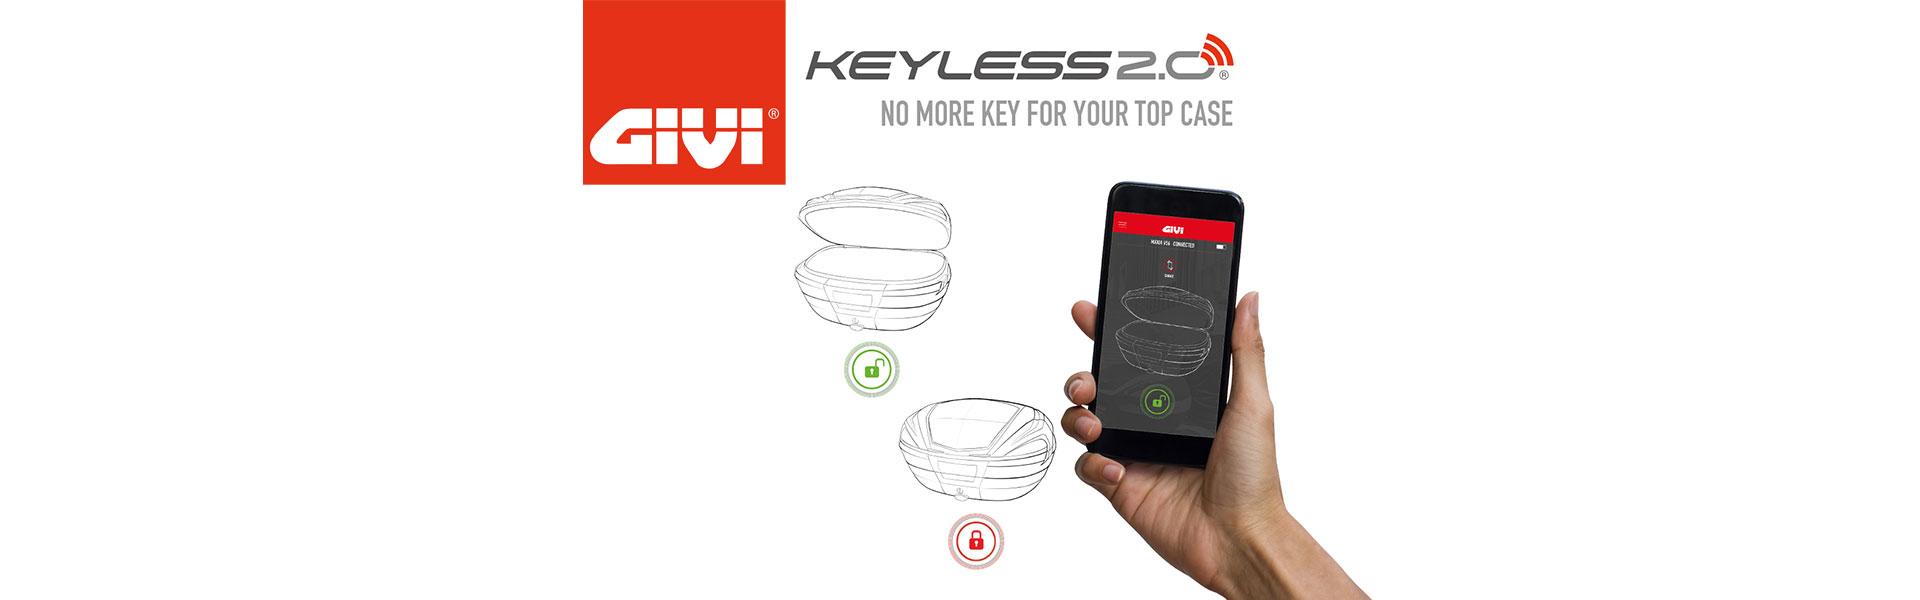 Top case Givi Keyless 2.0 : déverrouillez-le avec votre téléphone !